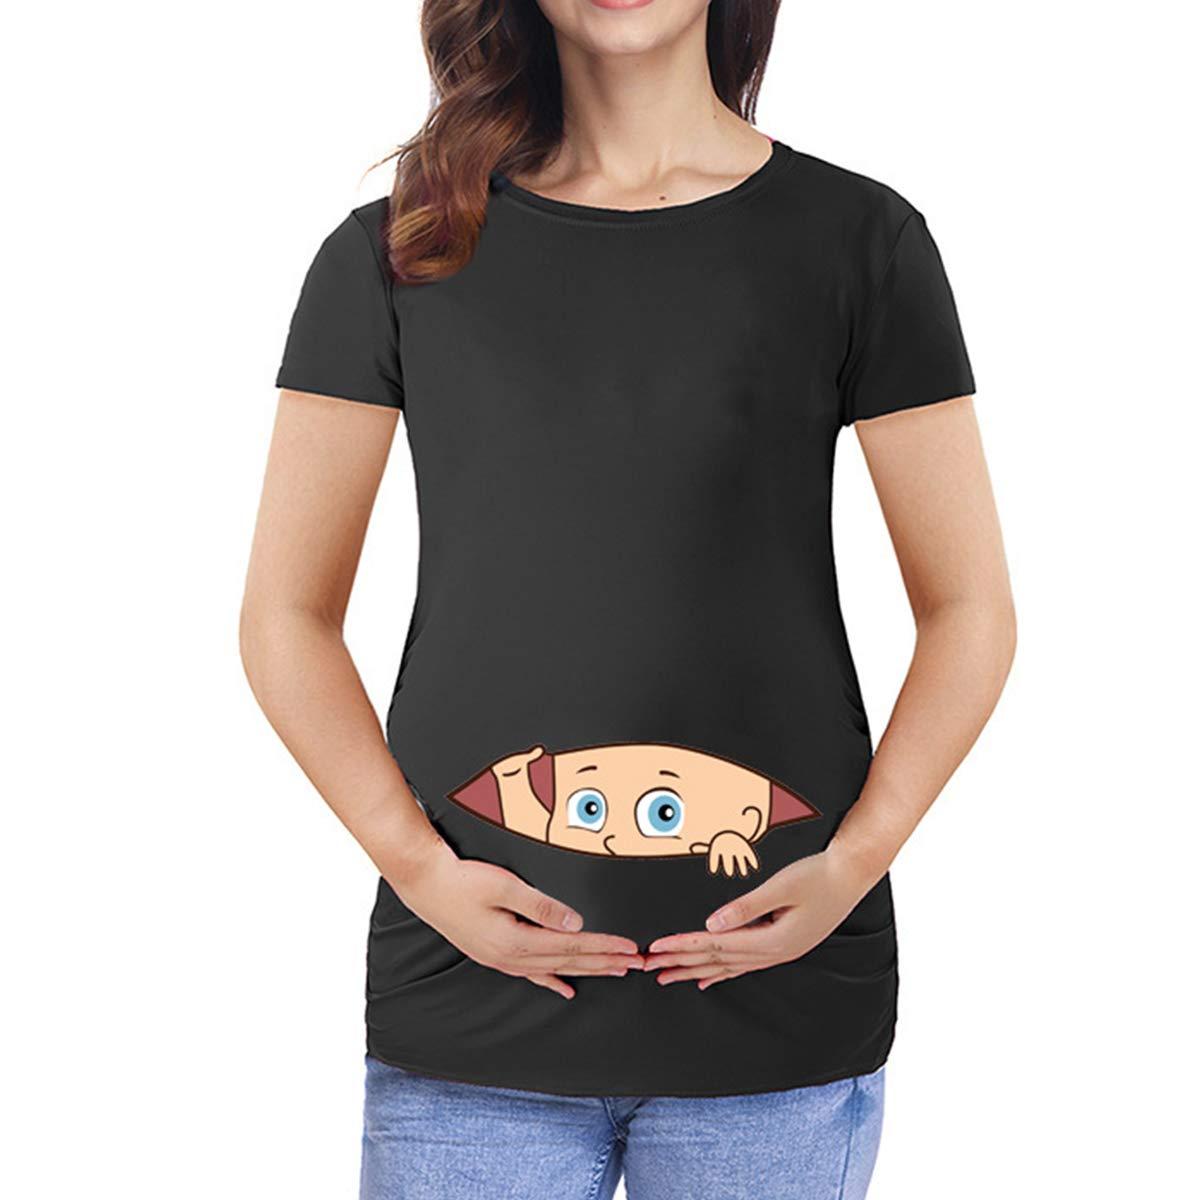 Q.KIM T-Shirt de Maternit/é Femme Maternit/é Grossesse Amusant Humour Imprim/é-Hi s/érie